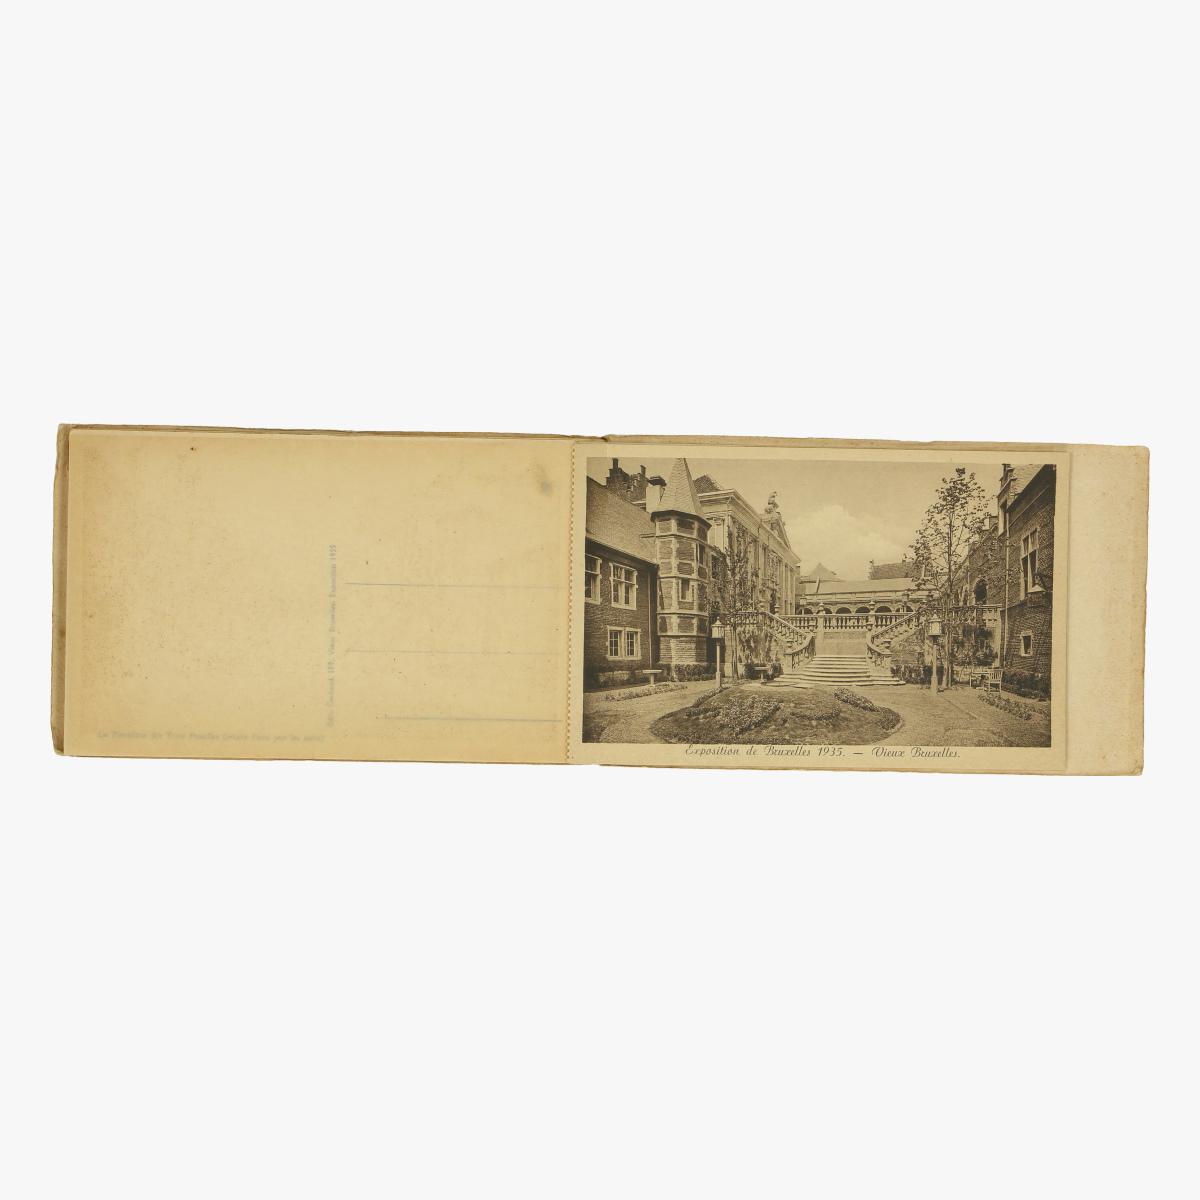 Afbeeldingen van gedenkenis wereldtentoonstelling van brussel 1935  serie 3